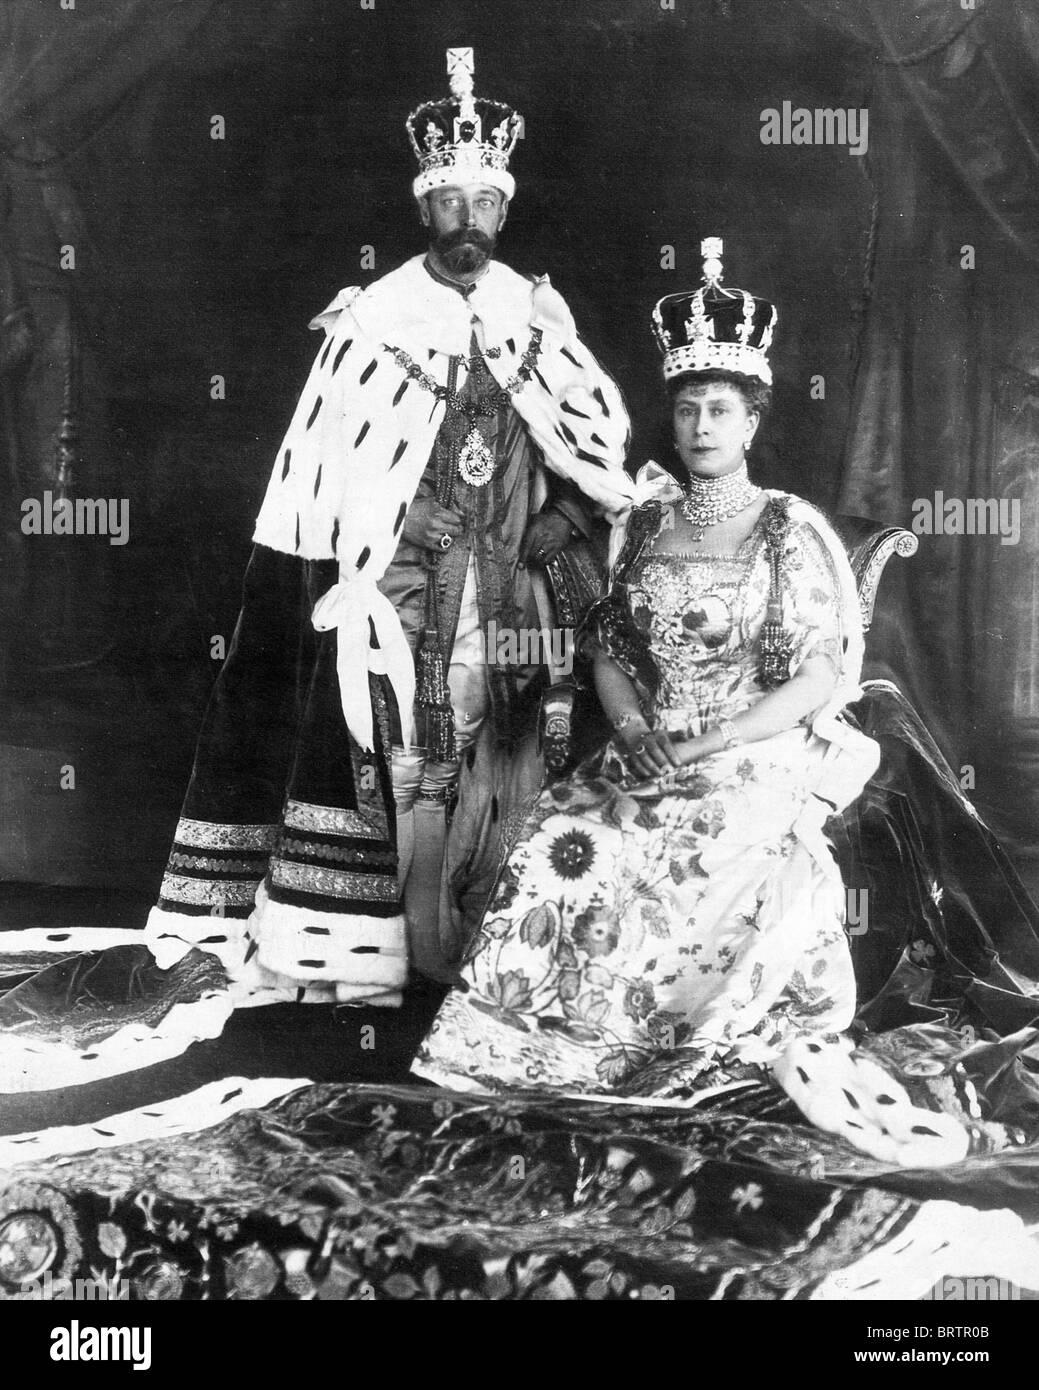 König GEORGE v. und Queen Mary in ihren Gewändern Krönung 22. Juni 1911 Stockfoto